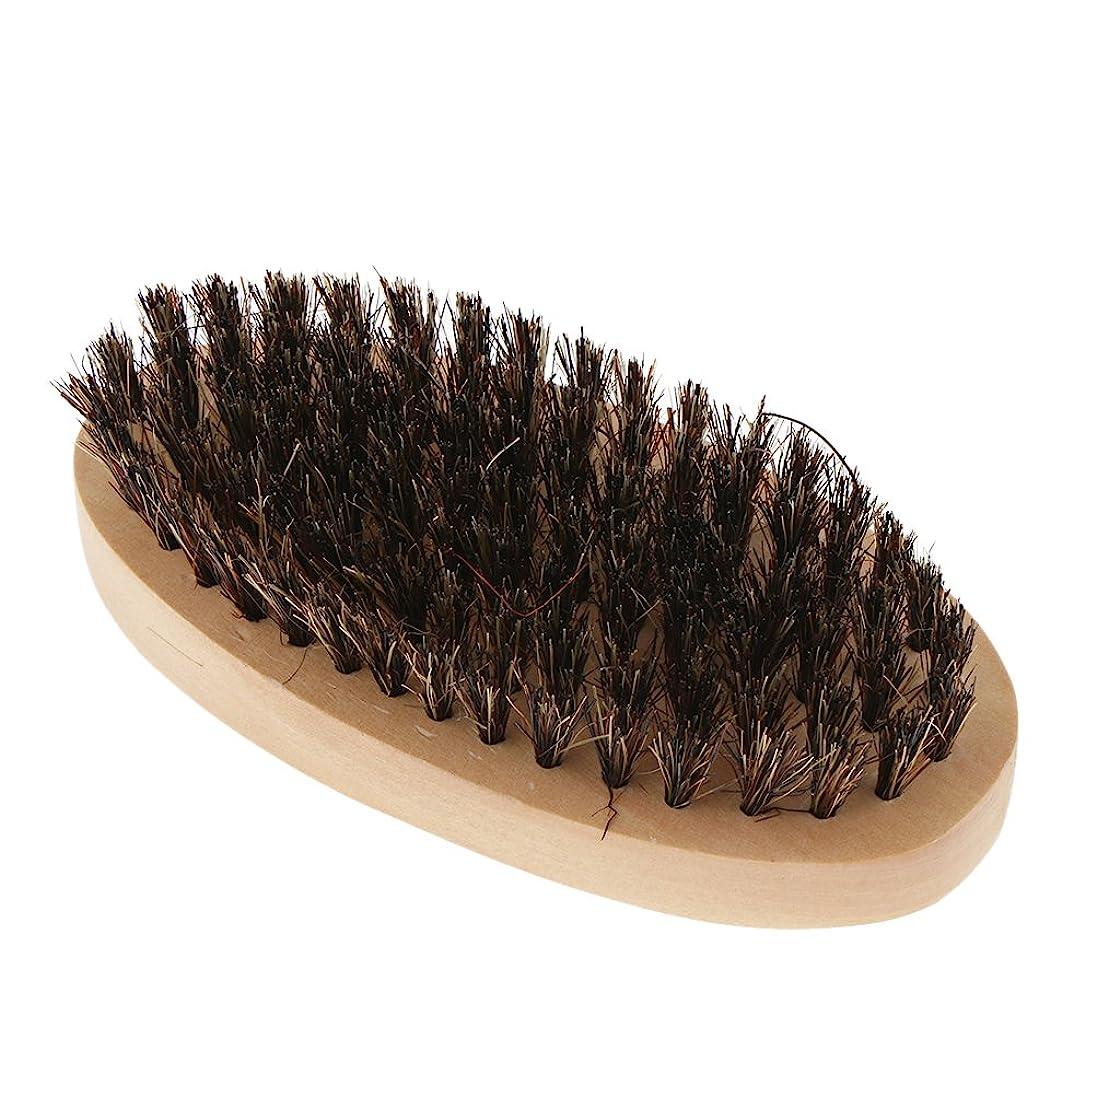 倫理的レギュラー切り刻むKesoto ビアードブラシ 男性 ひげブラシ 口ひげ 整髪スタイリング 木製のハンドル